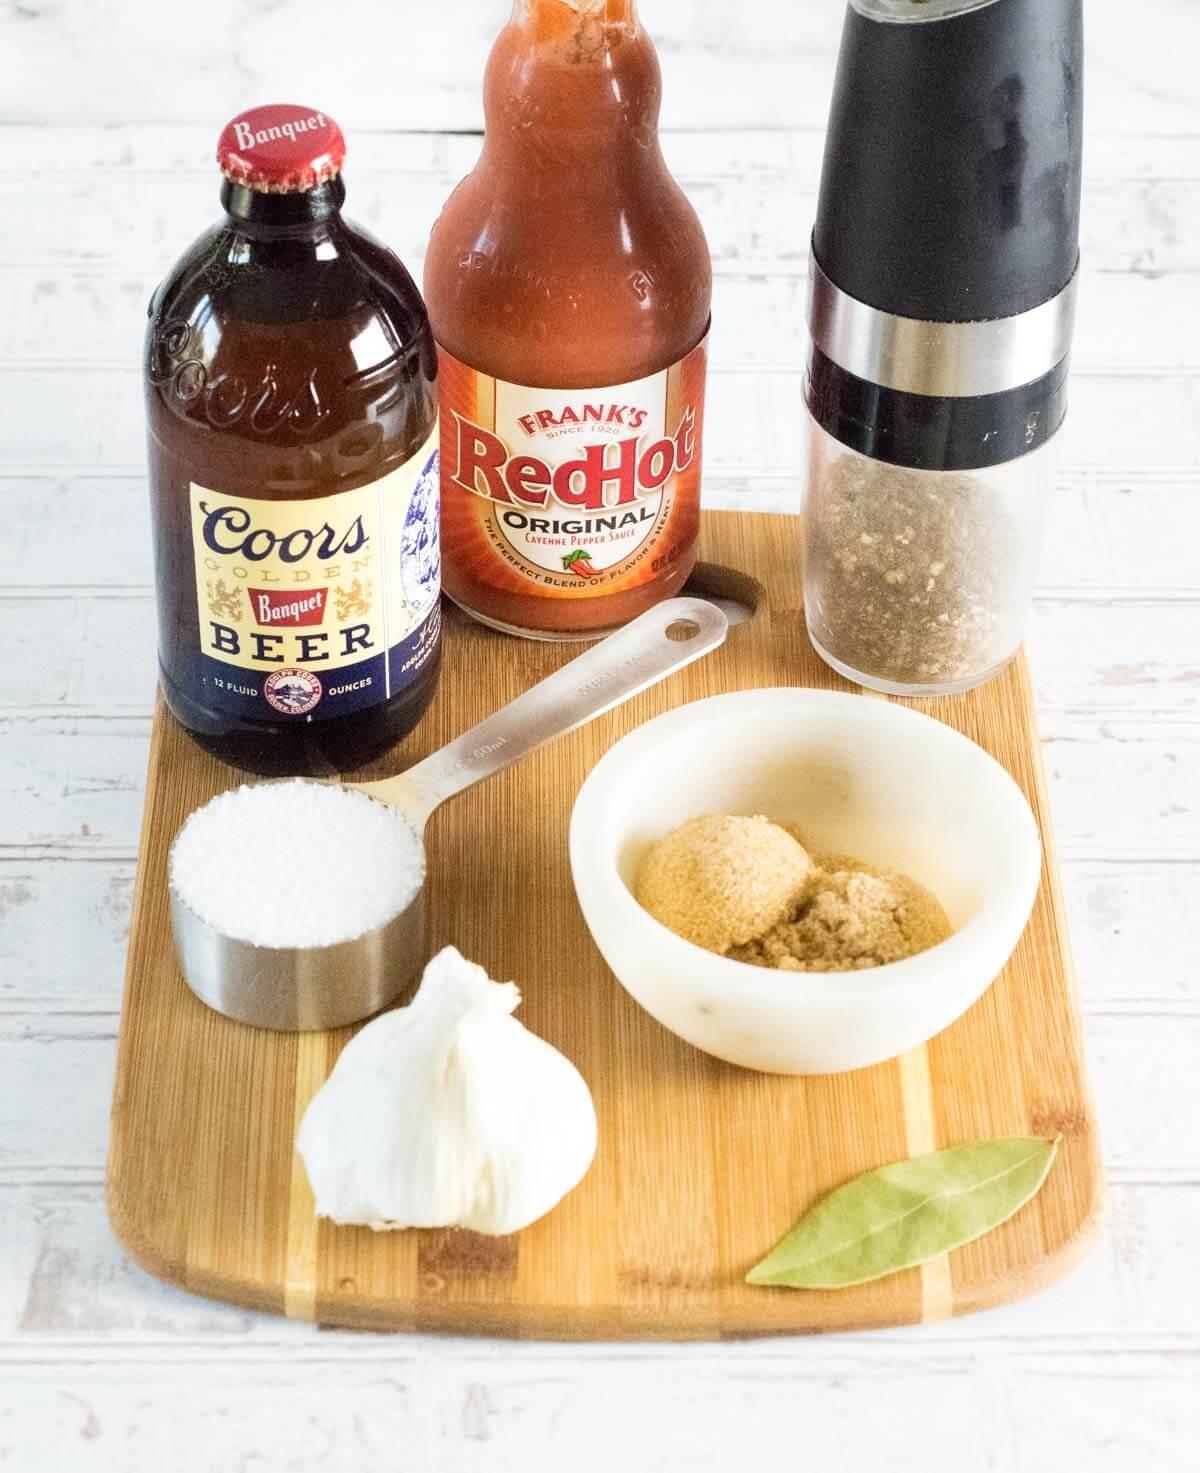 Chicken wings brine ingredients on board.